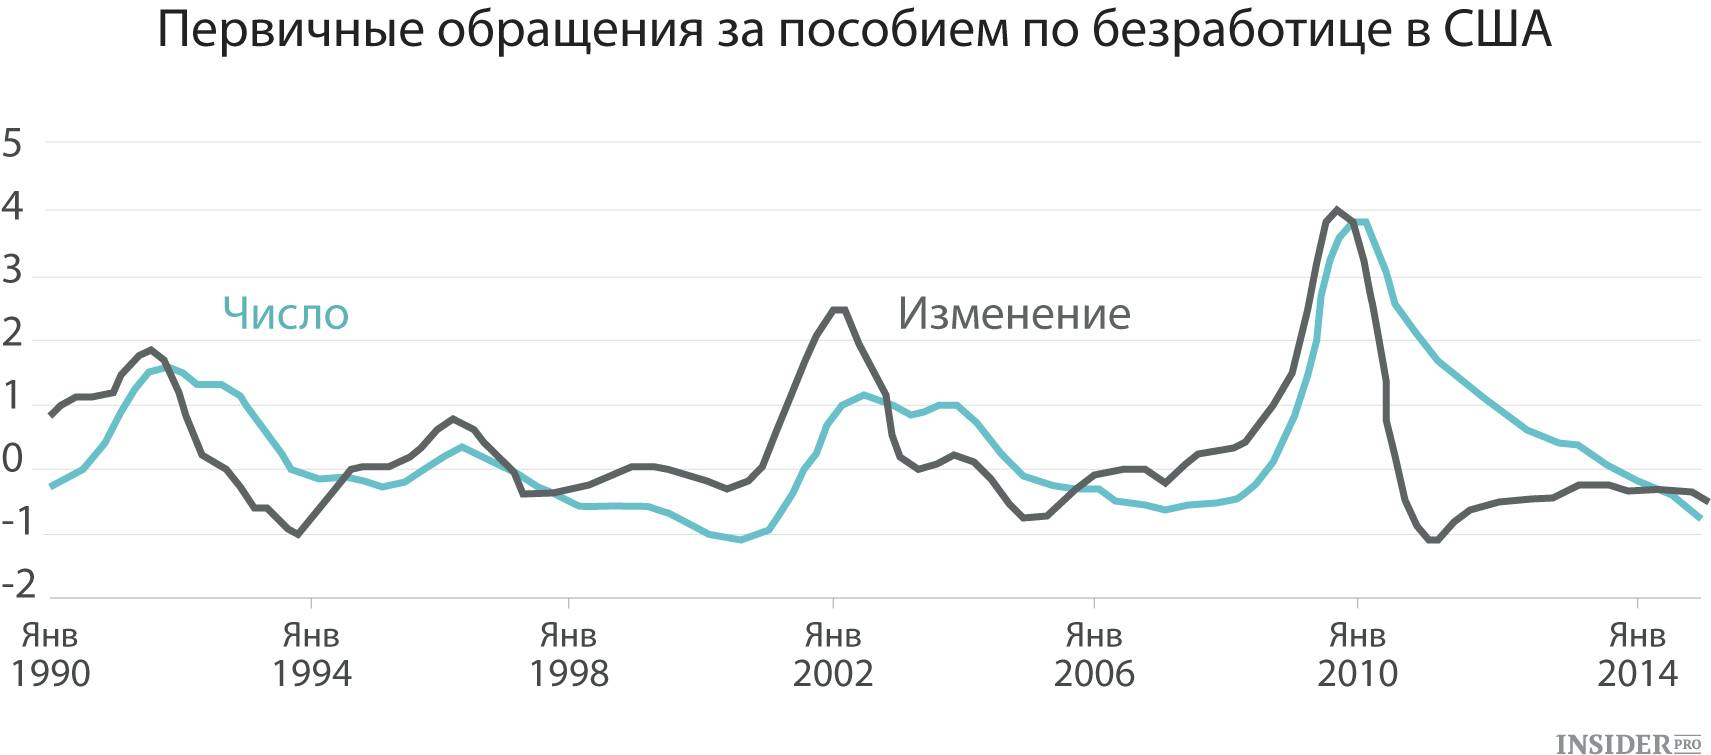 Кризис безработицы в сша из-за пандемии в цифрах | страны и регионы | fin-accounting.ru